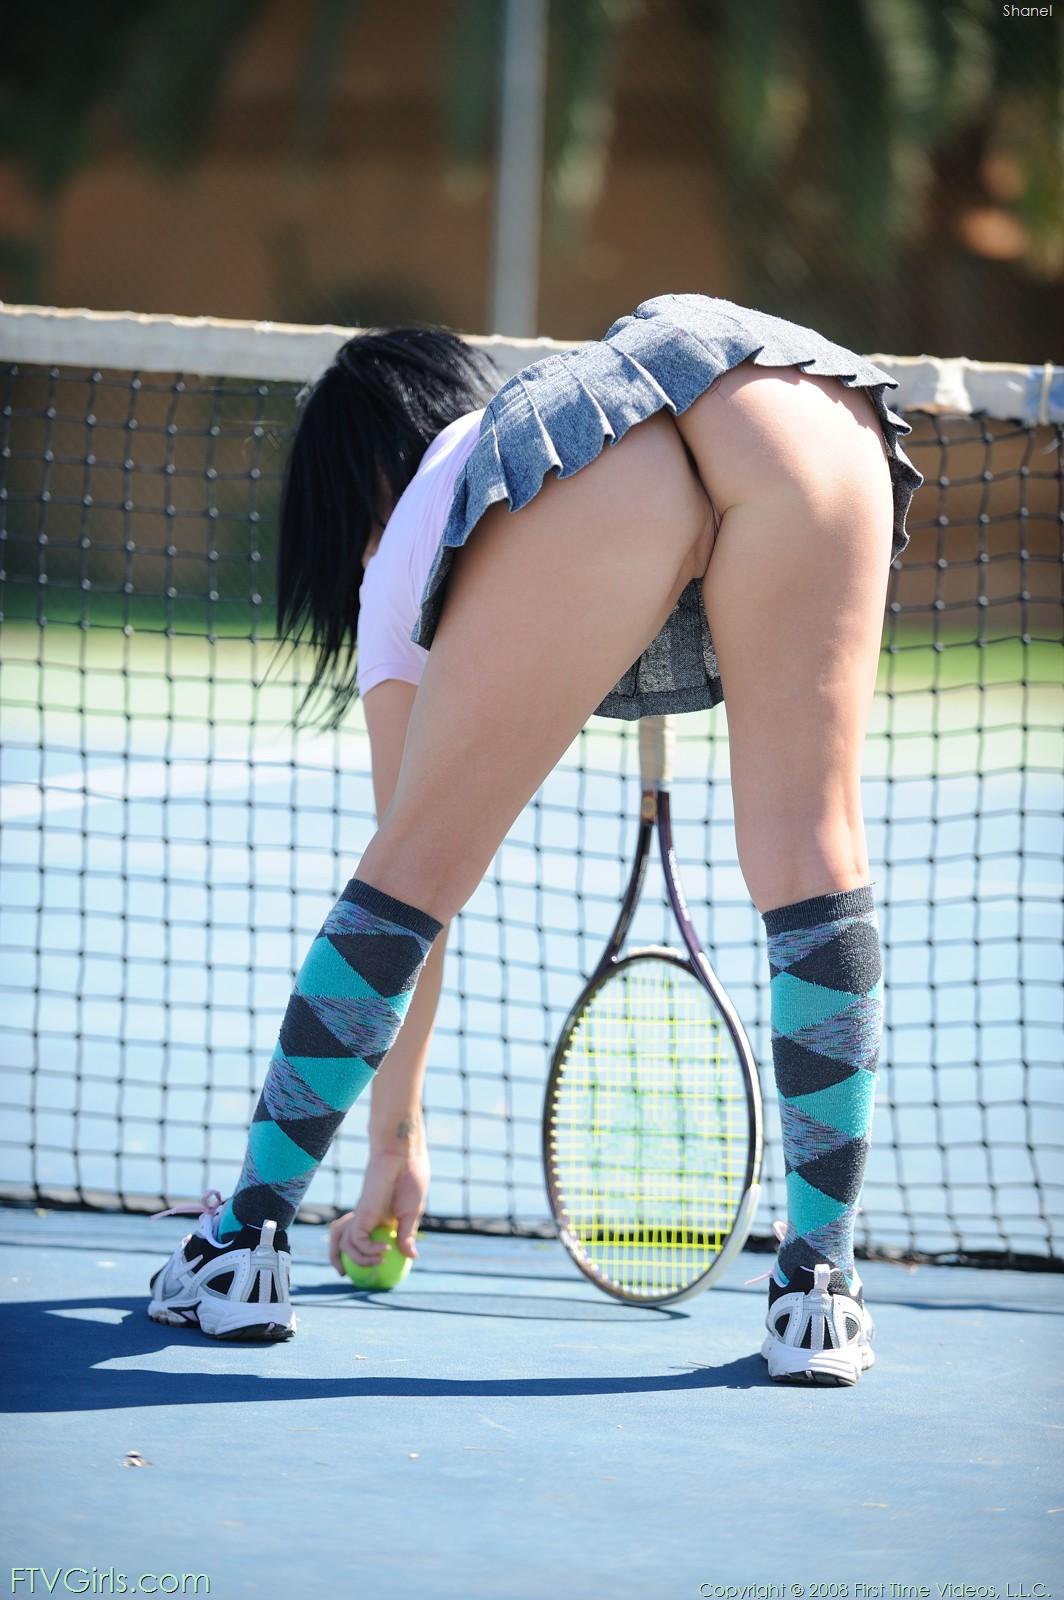 Теннис женщины эротика 3 фотография